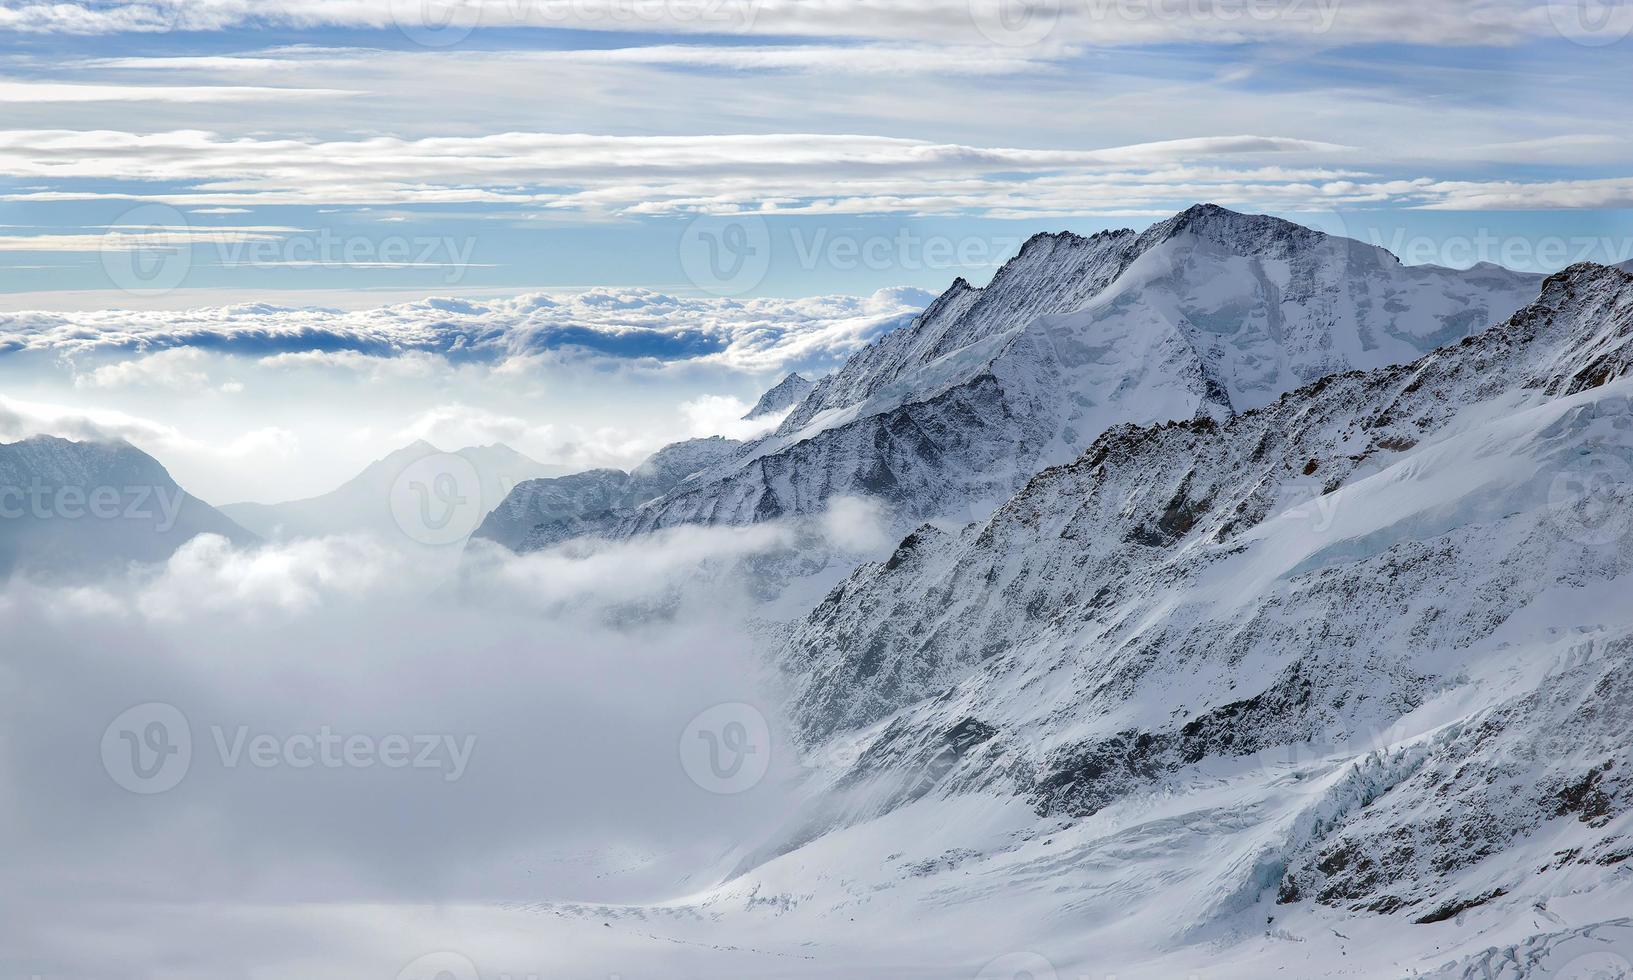 Spitze des berges foto